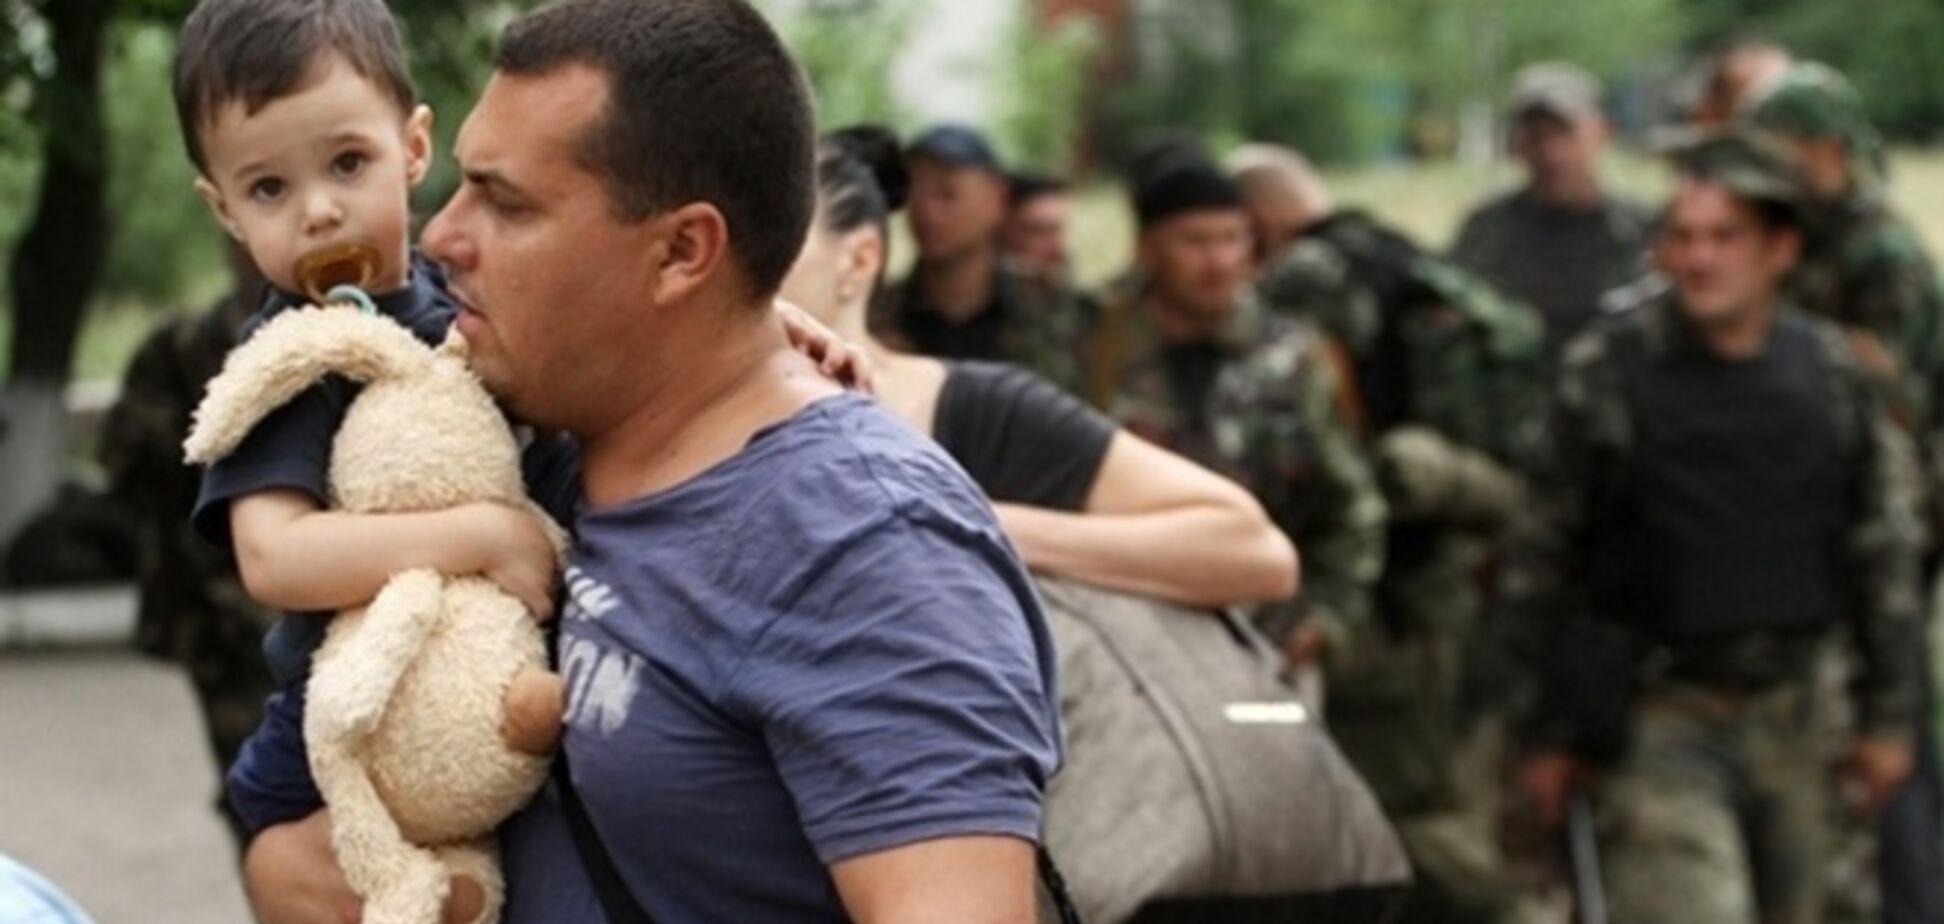 Штаб АТО не призывал жителей Донбасса к эвакуации в ближайшие 36 часов - Селезнев